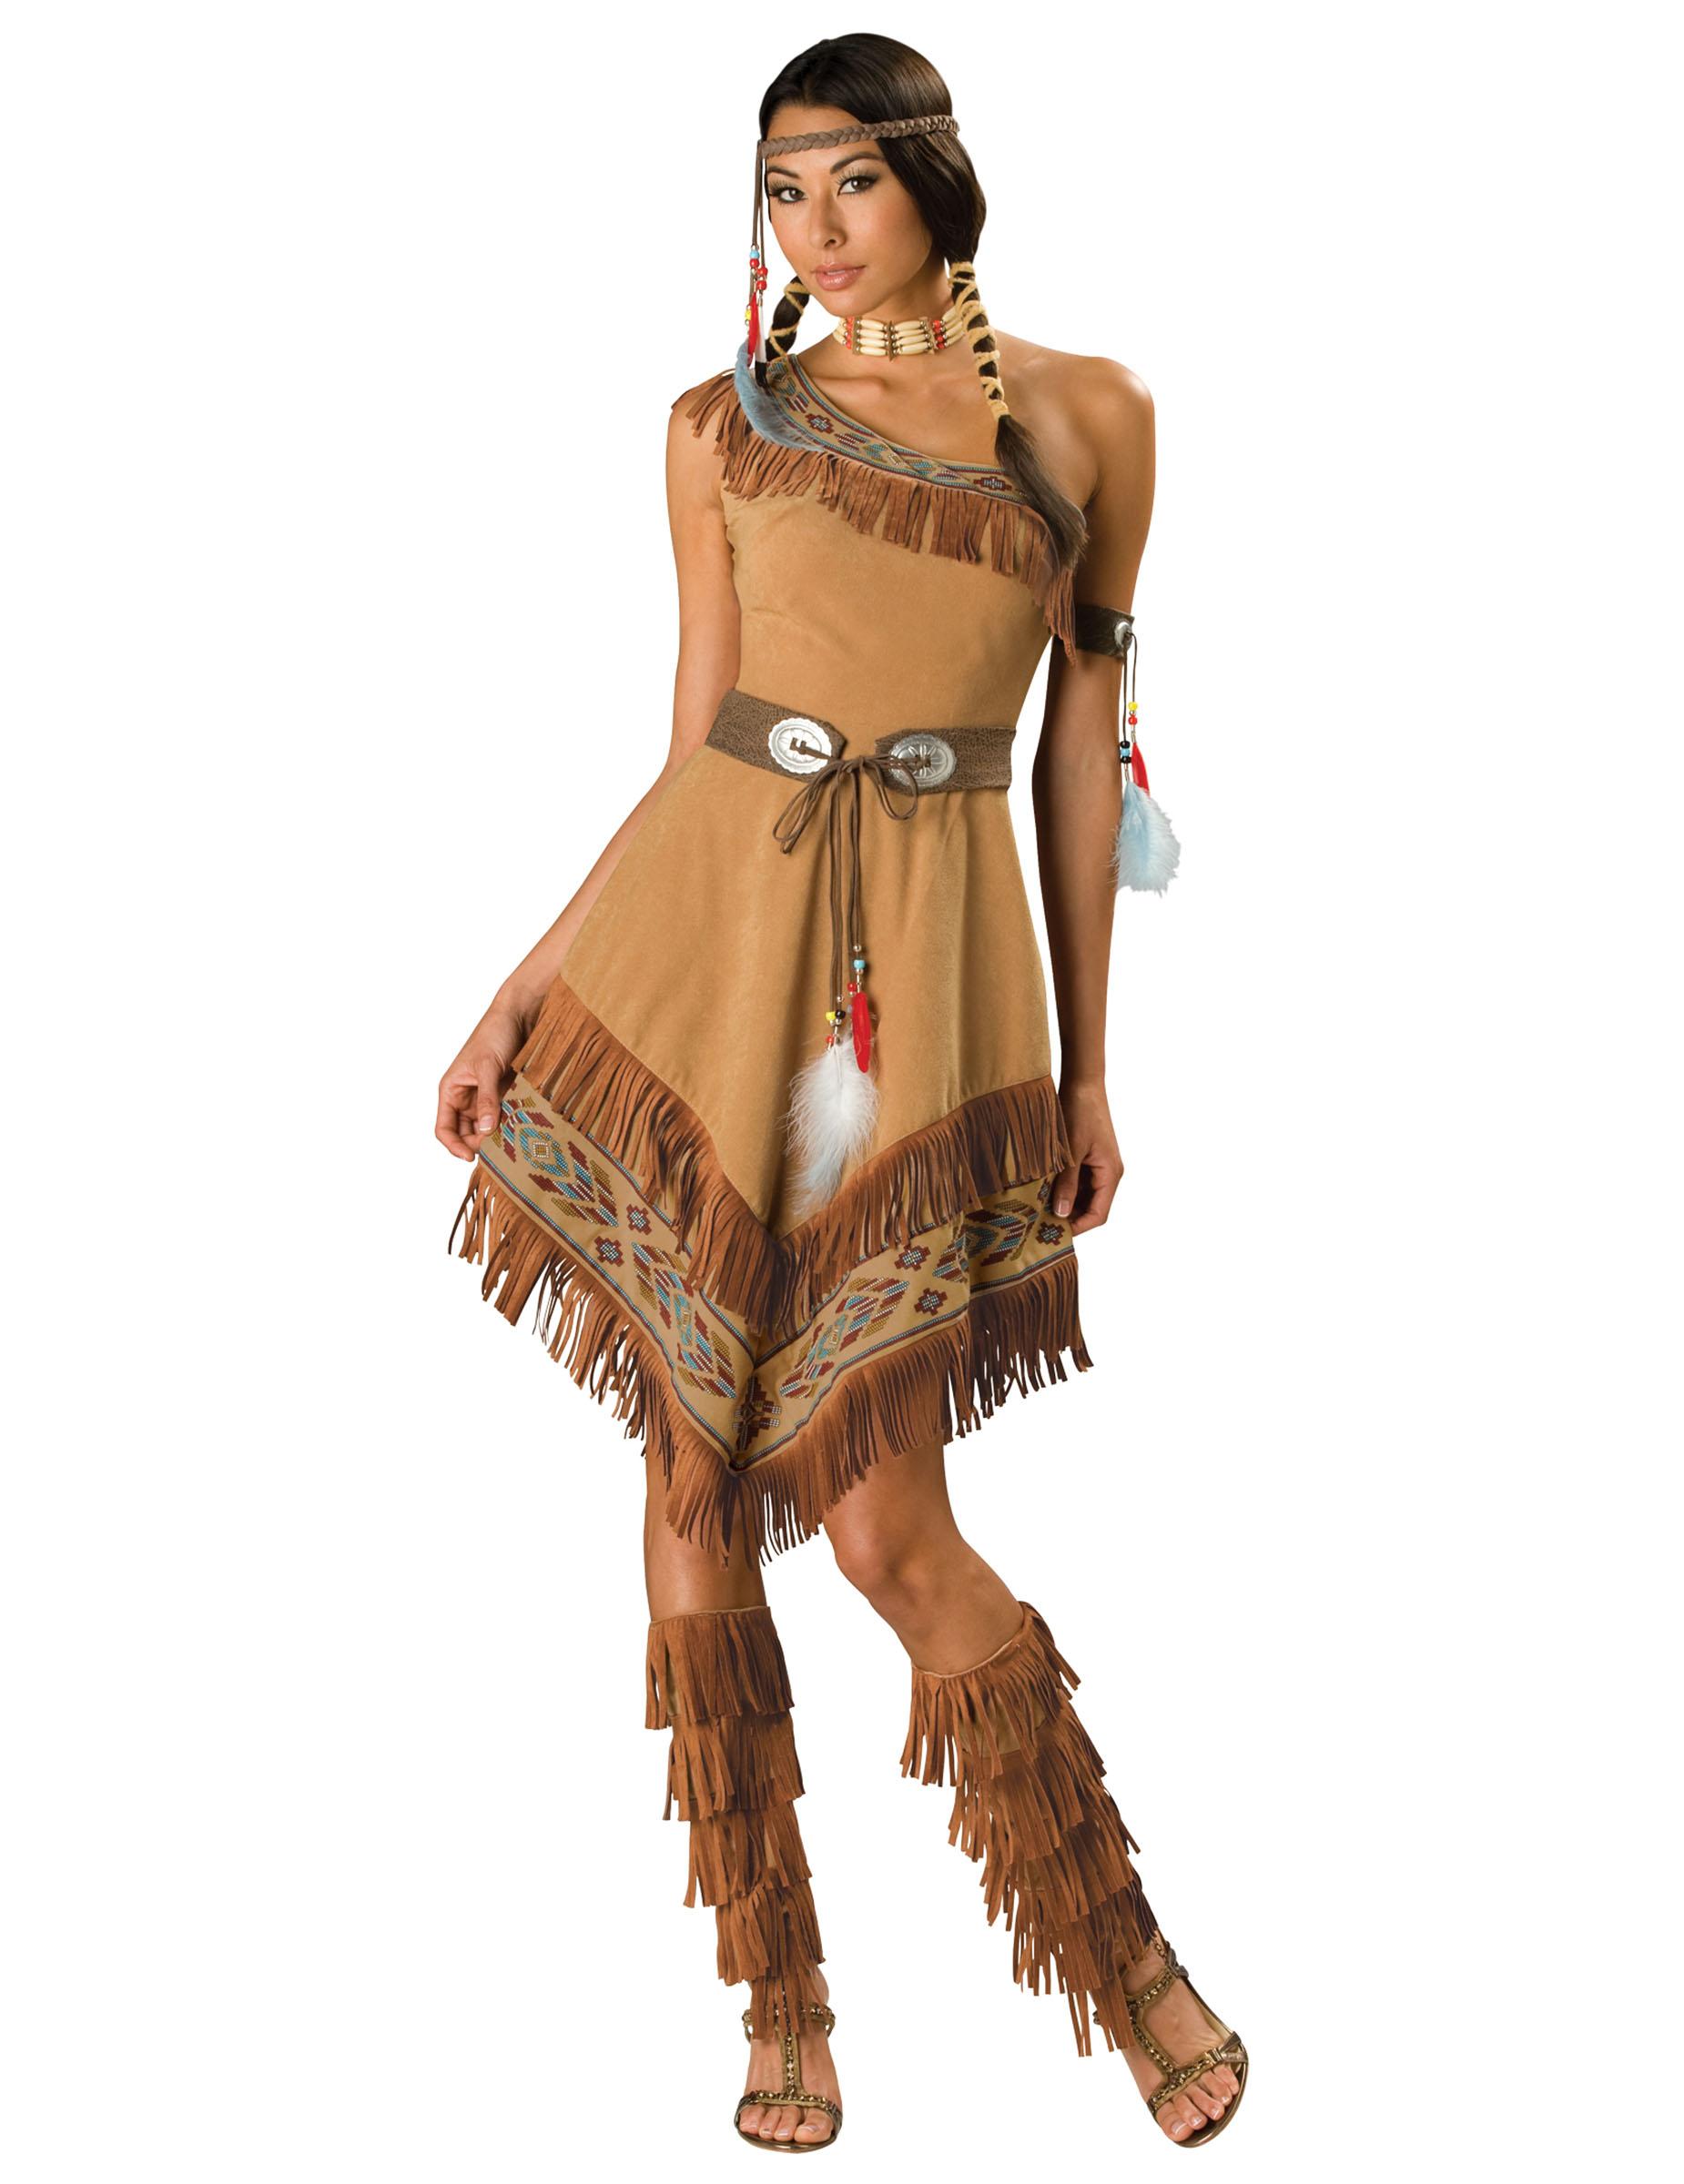 Hochwertiges Indianerinnen Kostum Fur Frauen